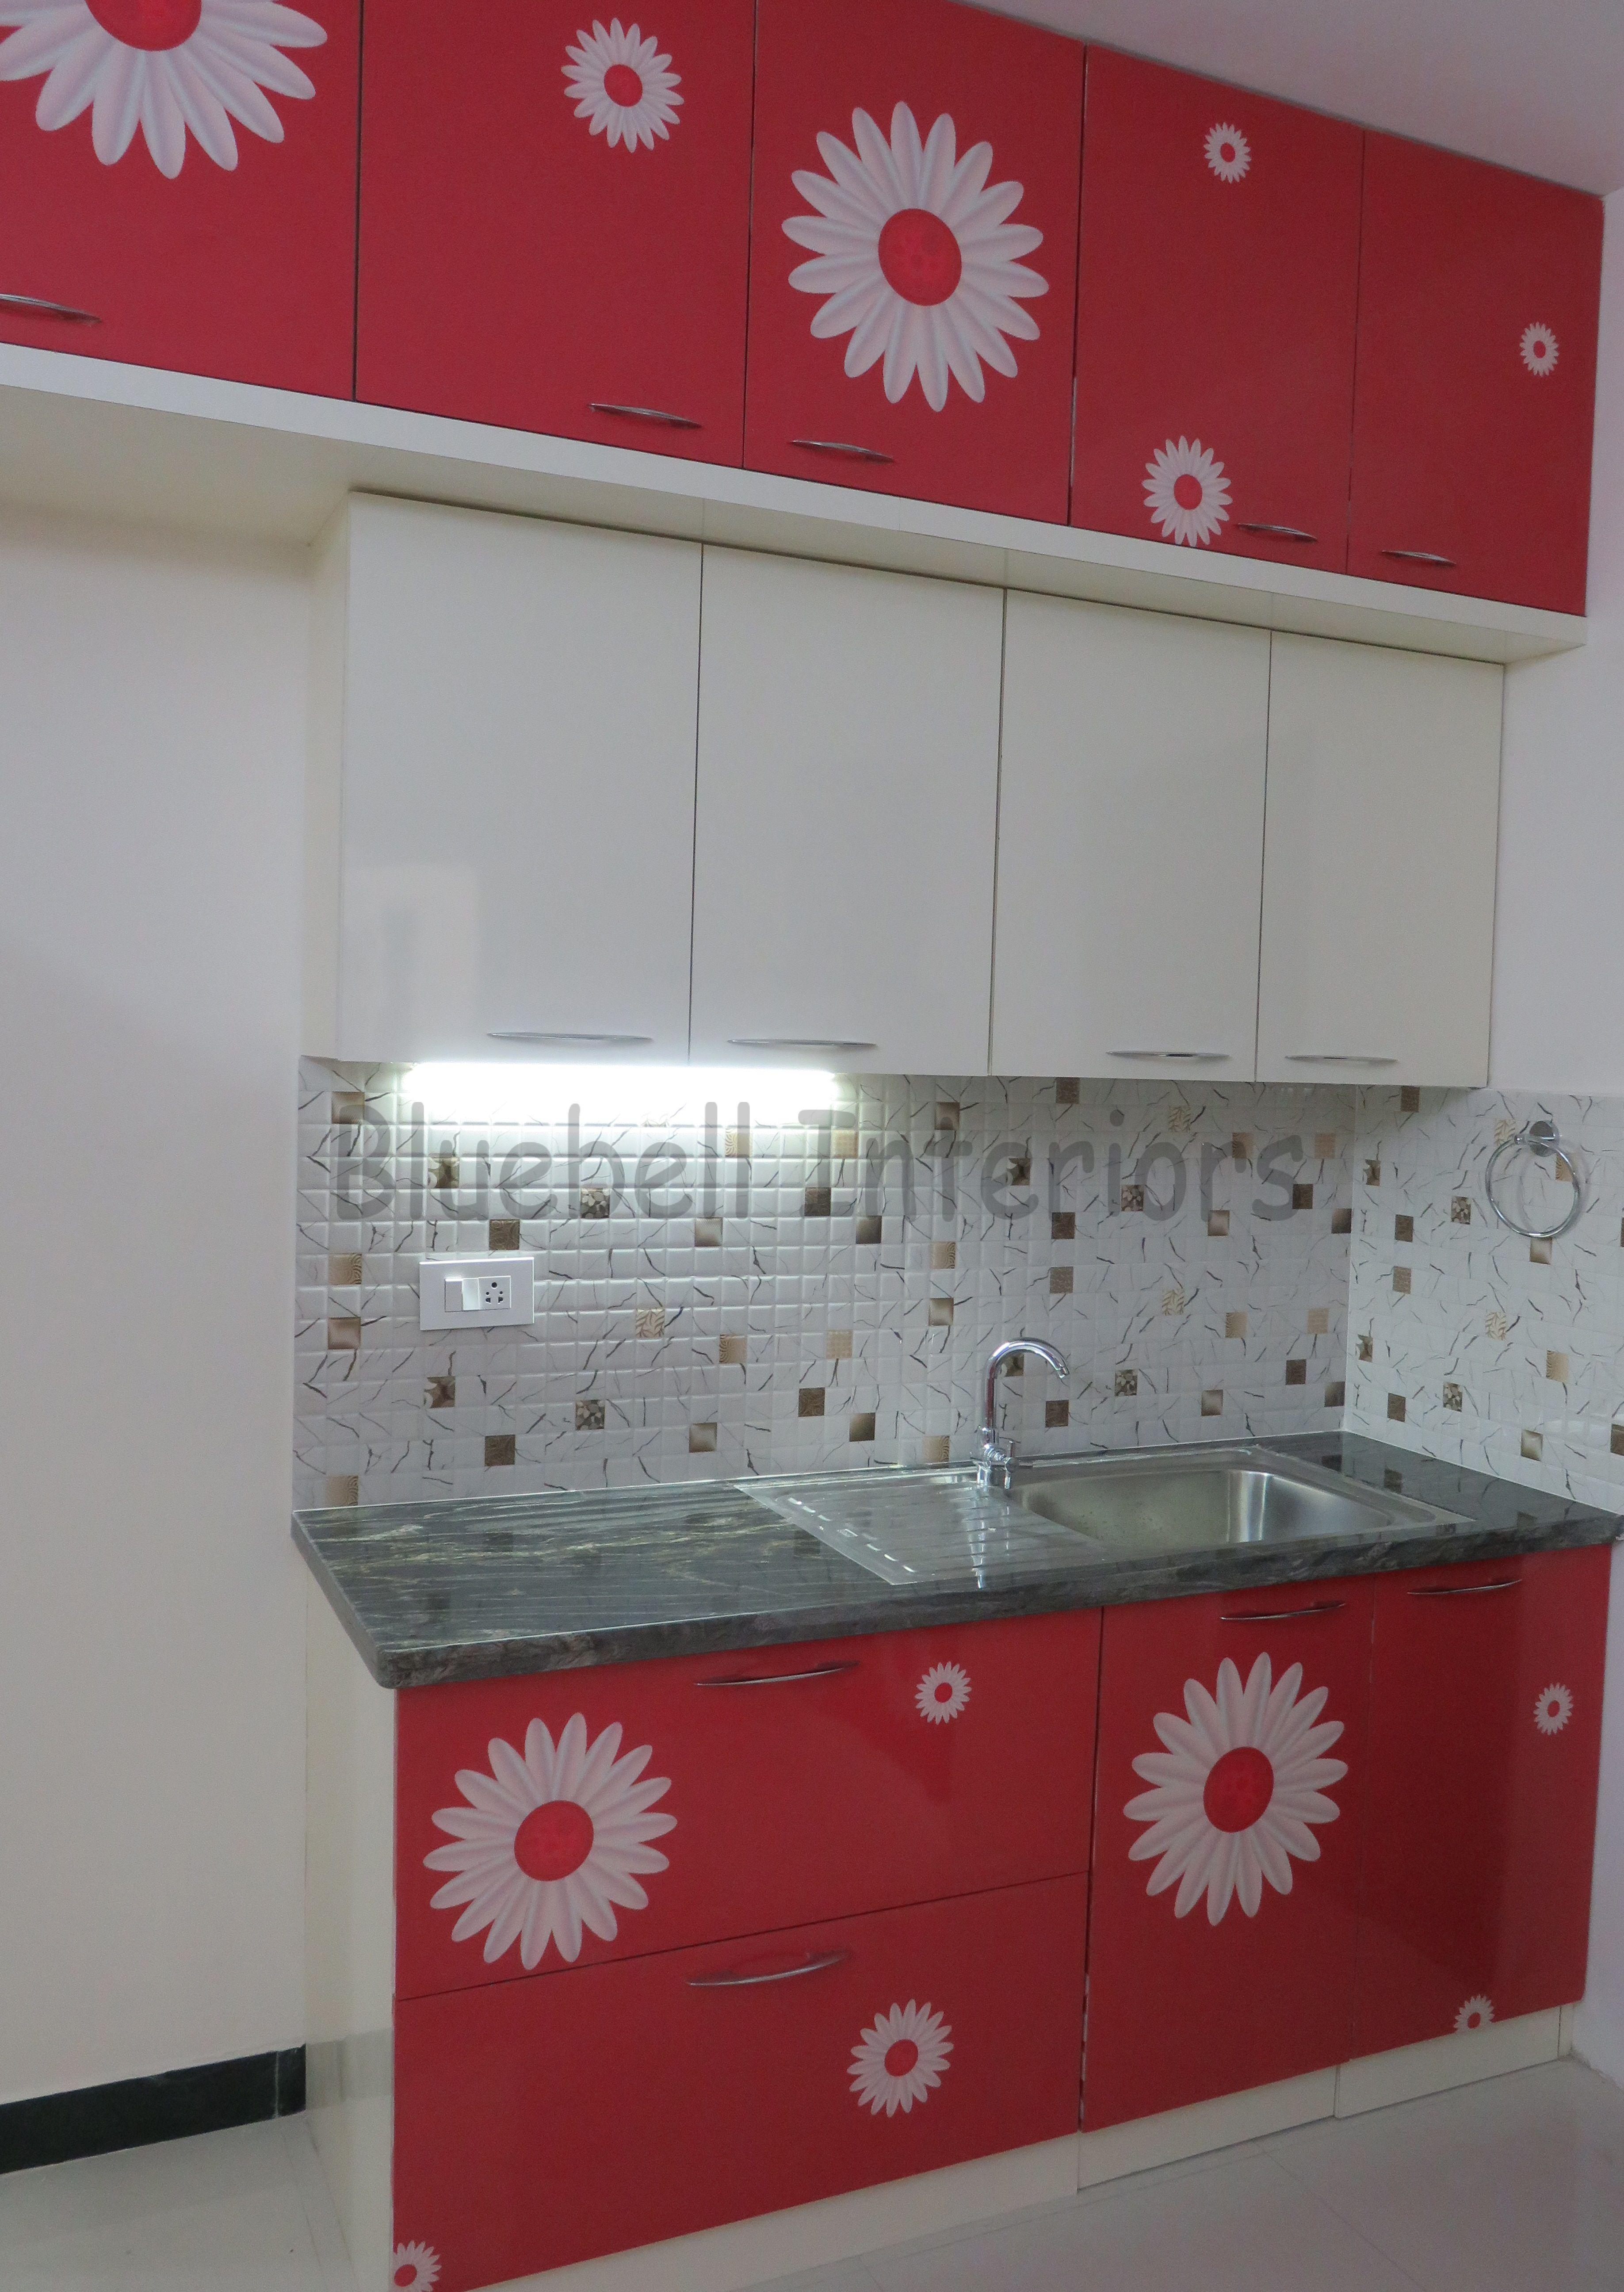 Red Cream Modular Kitchen Back Counter For Sink Loft Storage Cream Color Overhead Kitchen Loft Storage Steel Kitchen